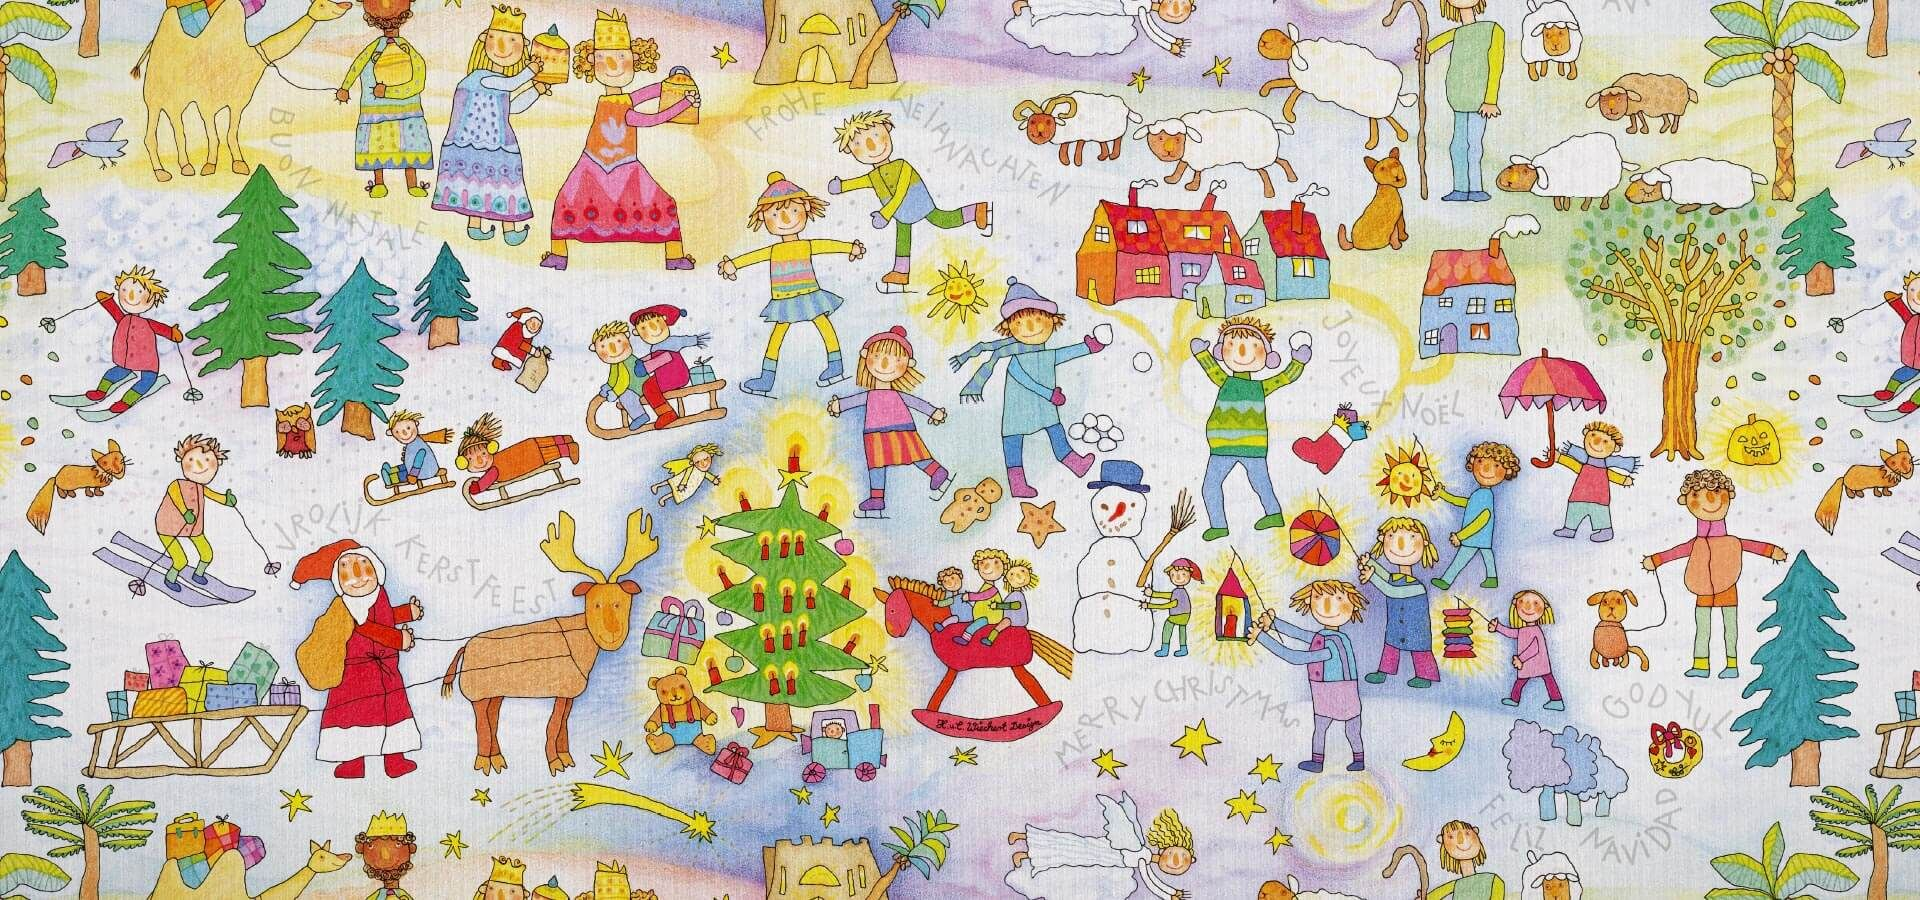 Weihnachten Kinder.Kinder Weihnachten